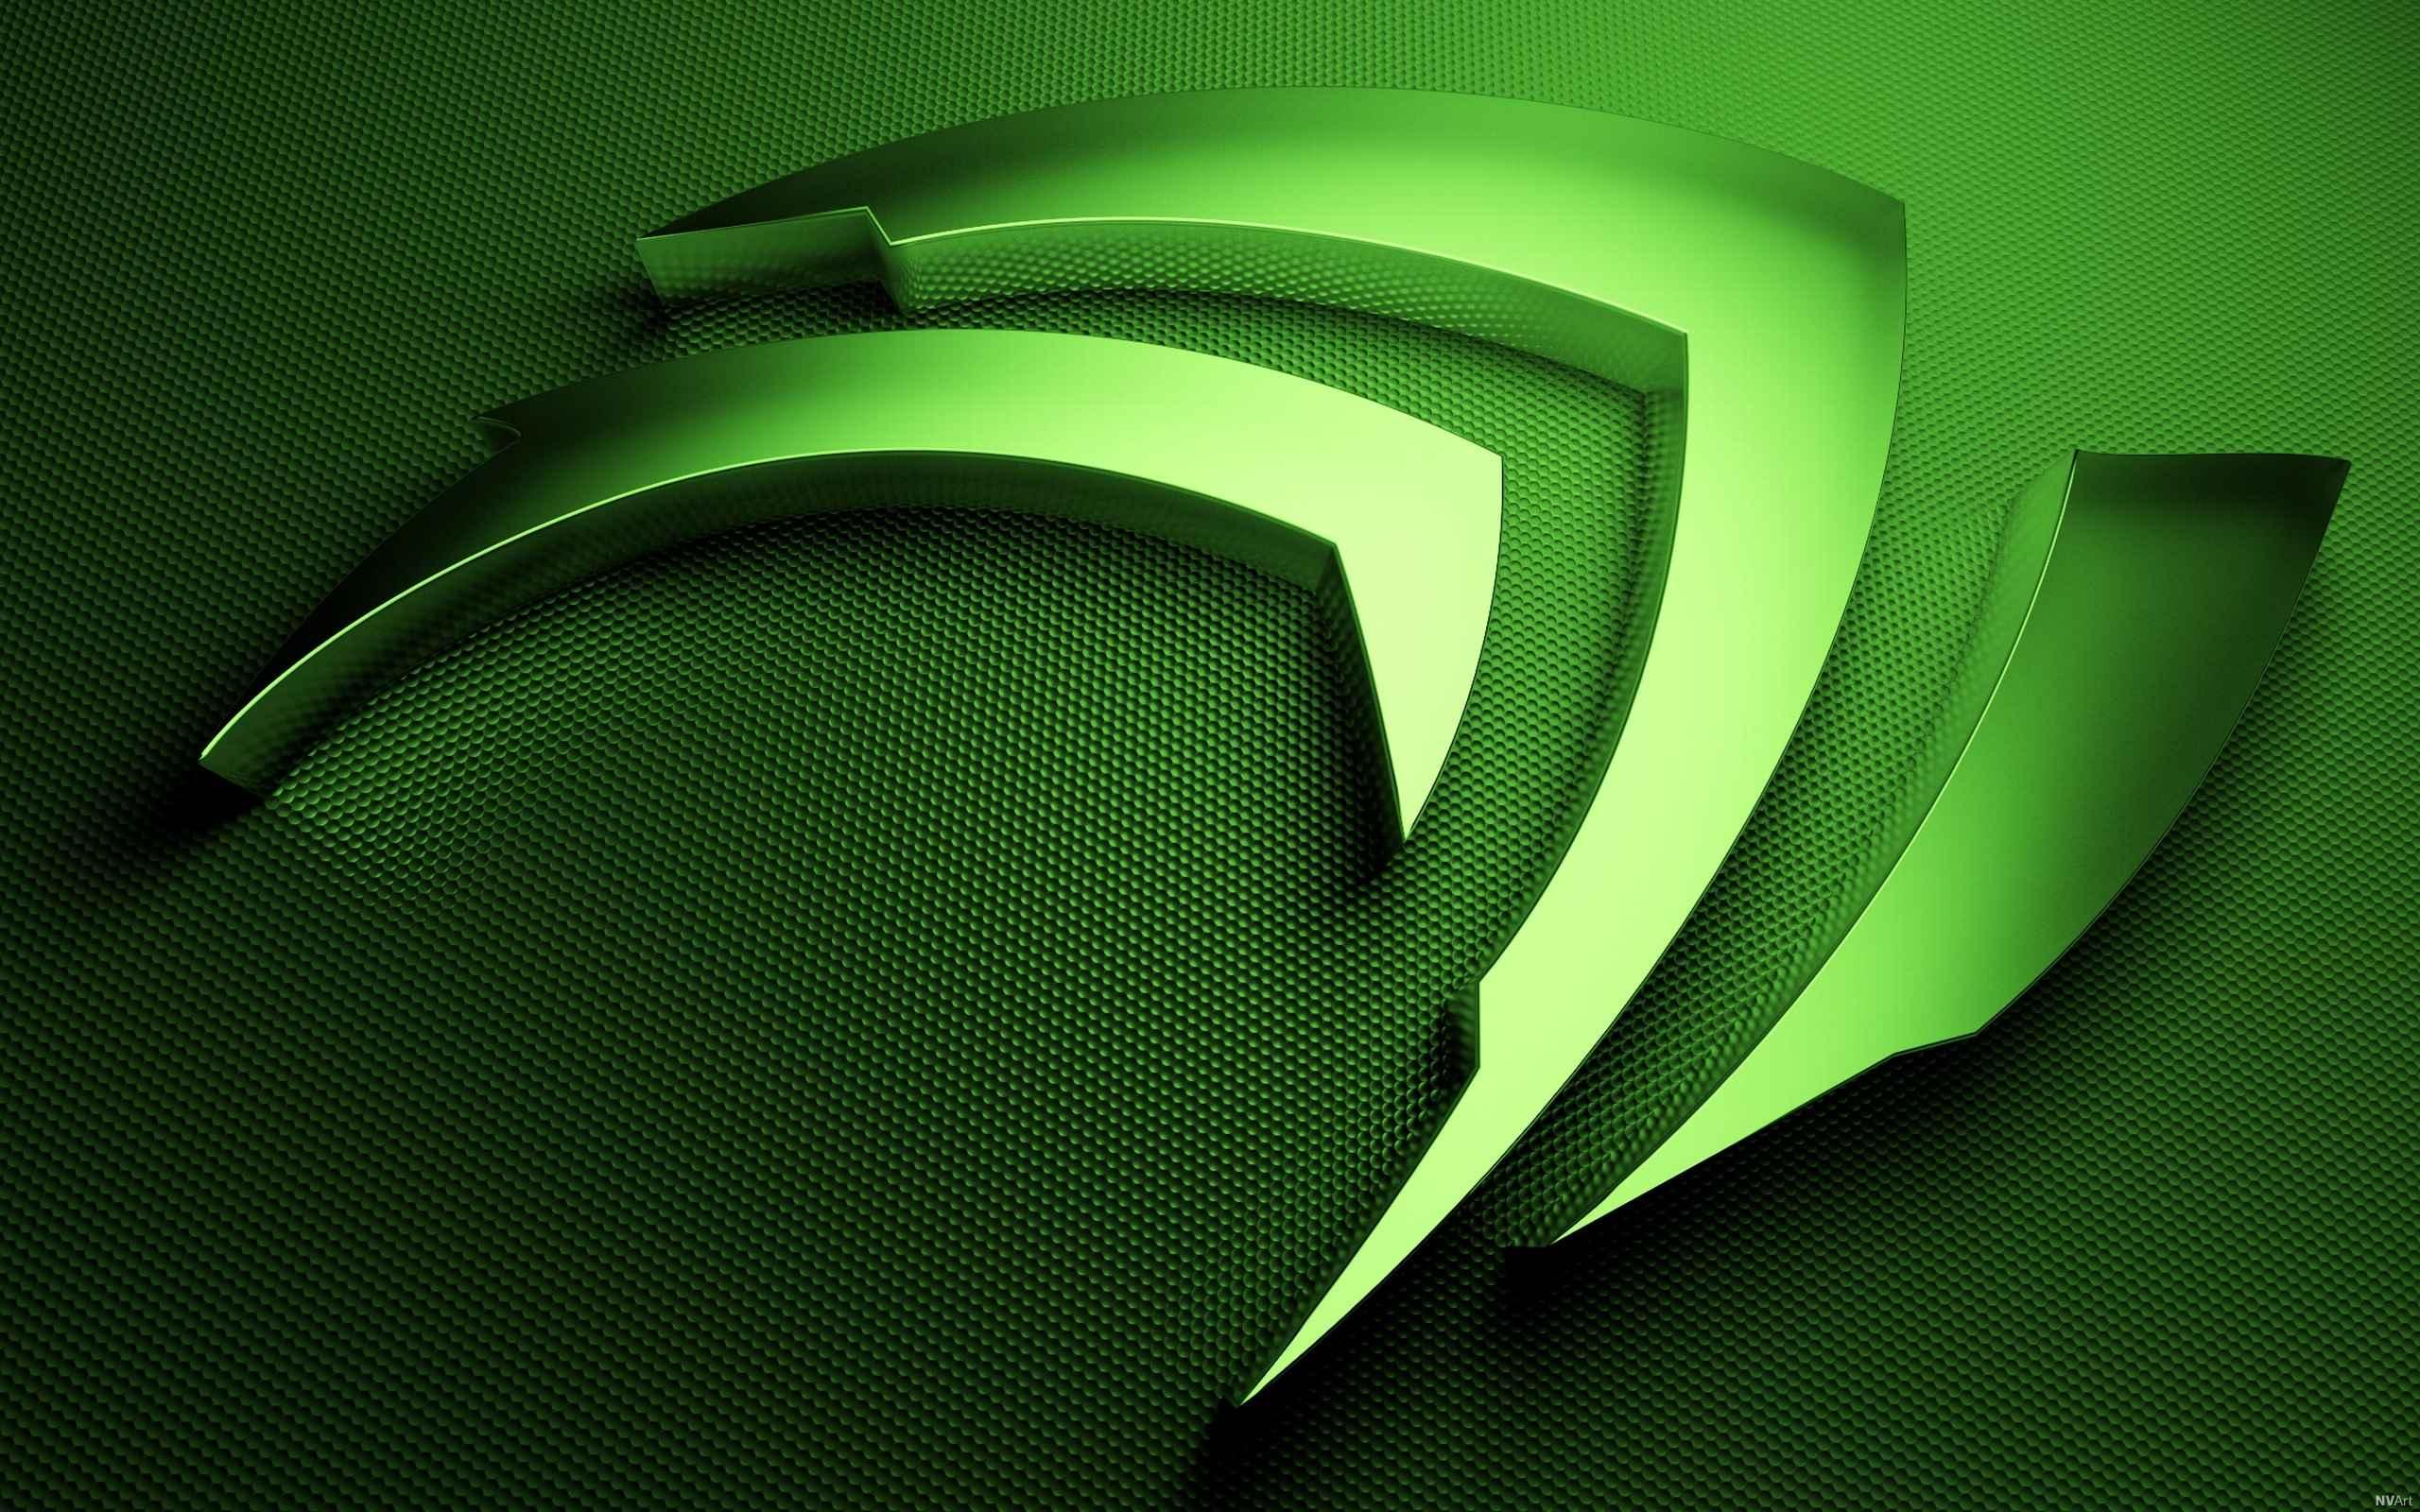 Nvidia Wallpaper 30